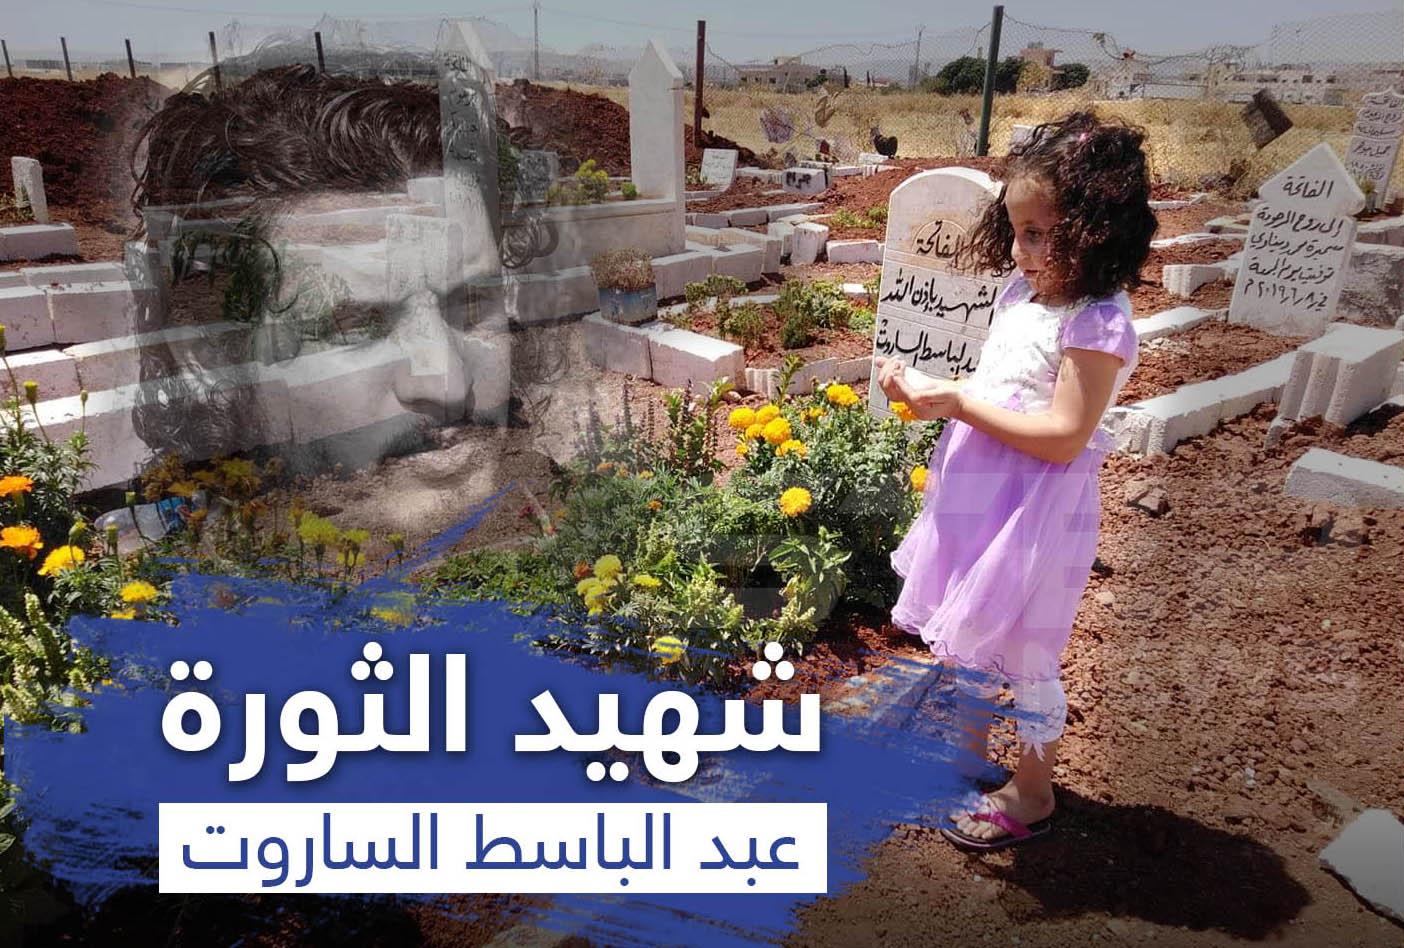 اليوم سيكون موضوعنا جميل سيكون عن ايقونة الثورة السورية وحارسها